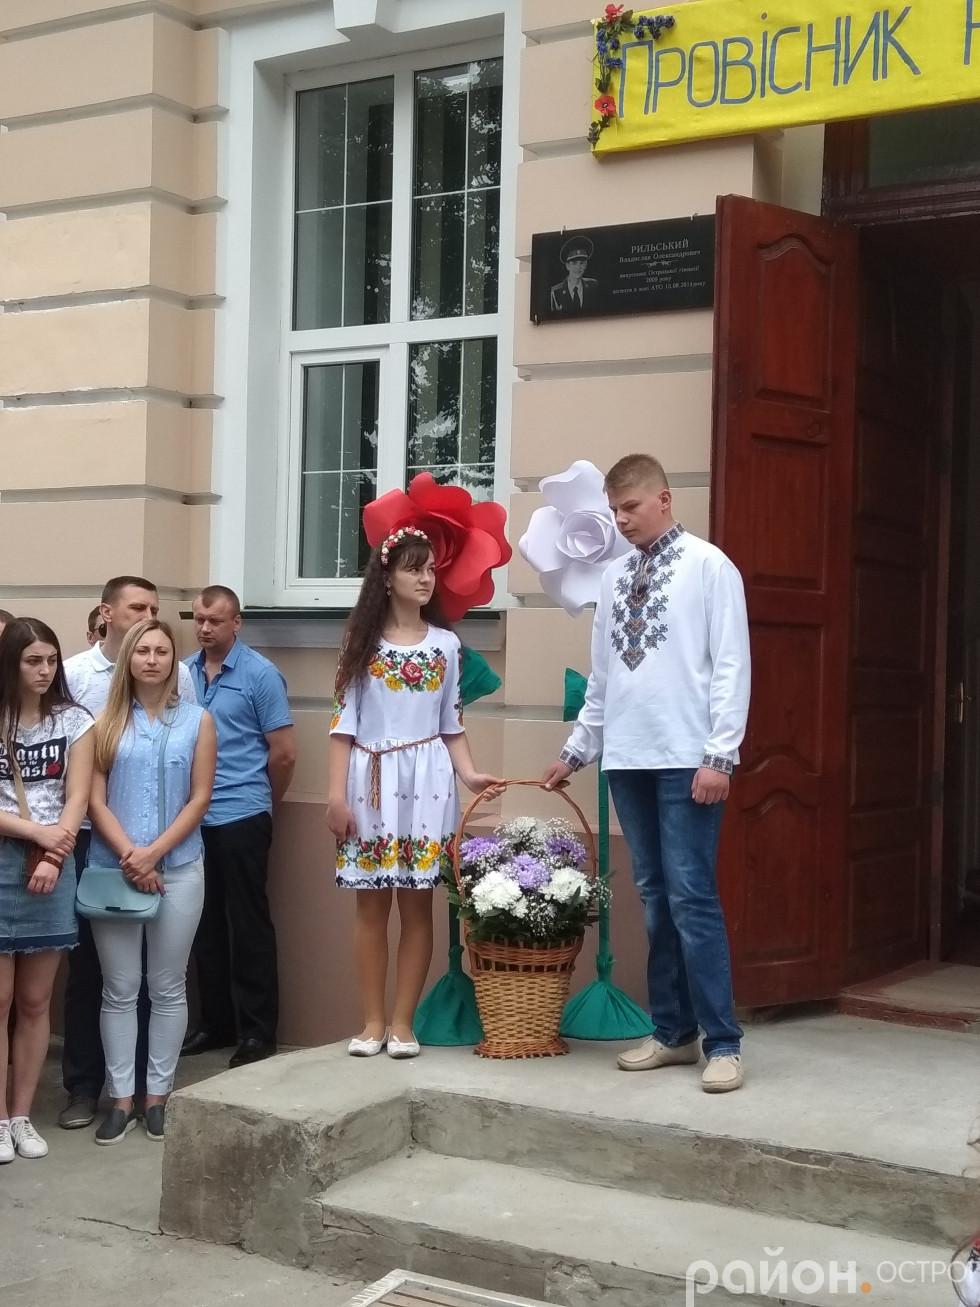 Школярі покладають квіти до меморіальної дошки Владислава Рильського, випускника гімназії